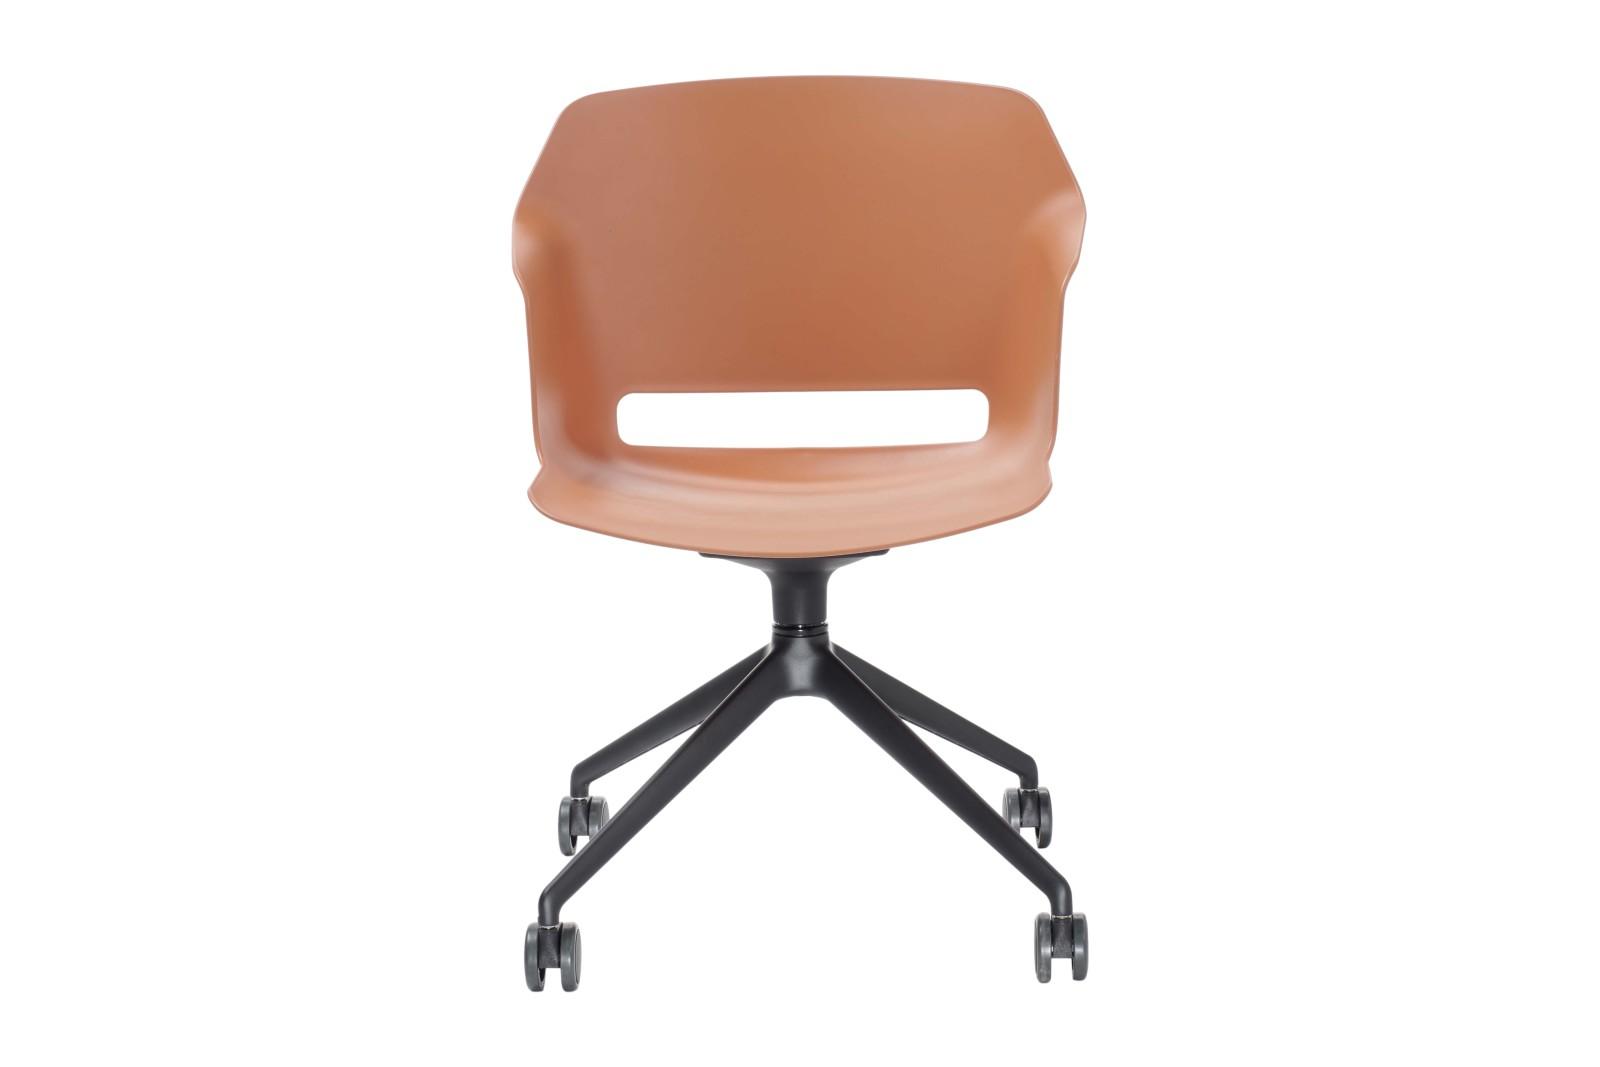 Clop Chair Swivel Base on Castors White, Black